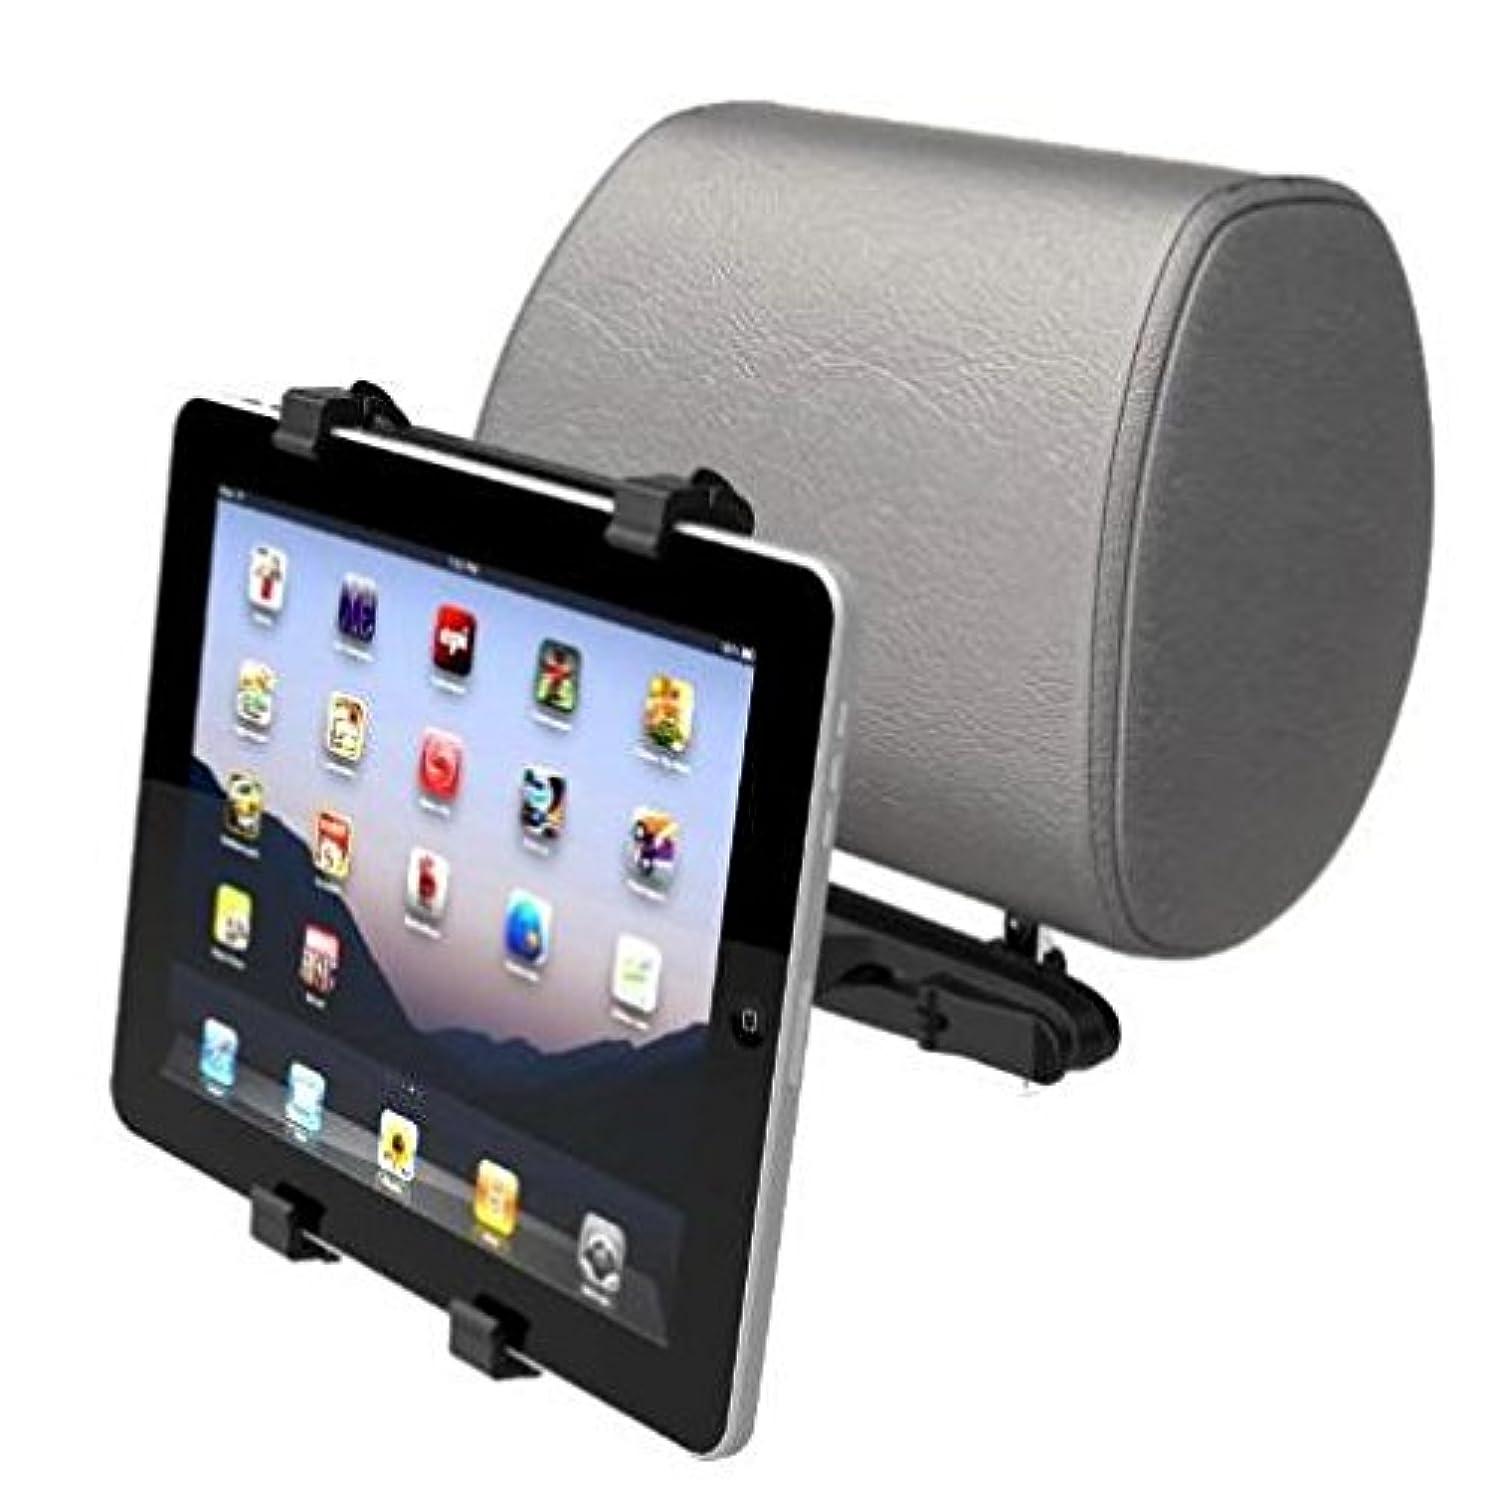 Car Headrest Mount Tablet Holder Rotating Cradle Back Seat Dock Stand Kit Black for Microsoft Surface Pro - Microsoft Surface Pro 2 - Microsoft Surface Pro 3